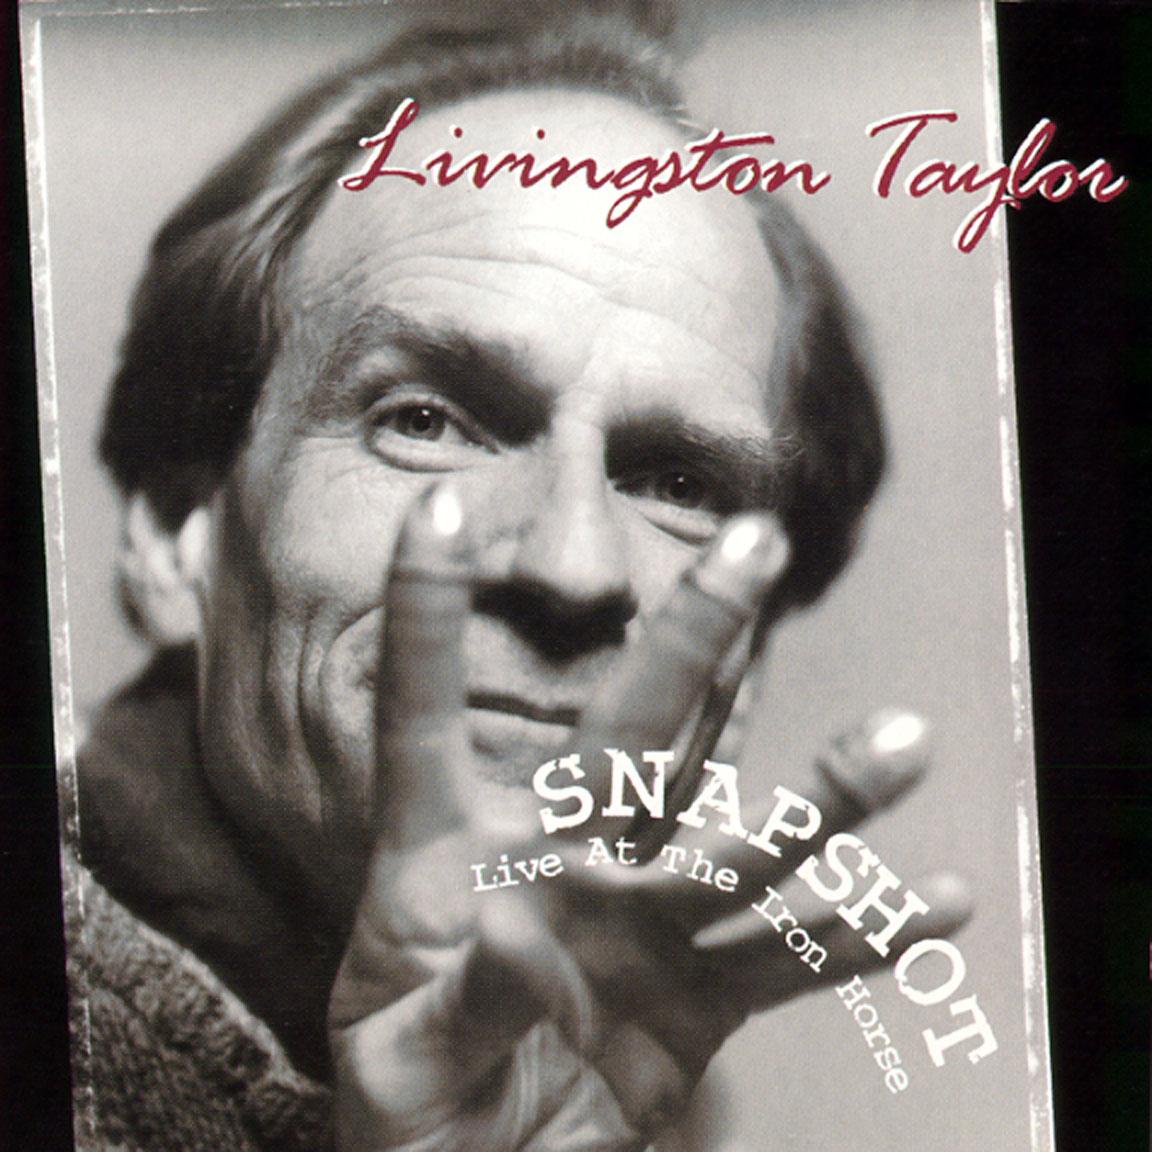 Livingston Taylor Carolina Day - Sit On Back